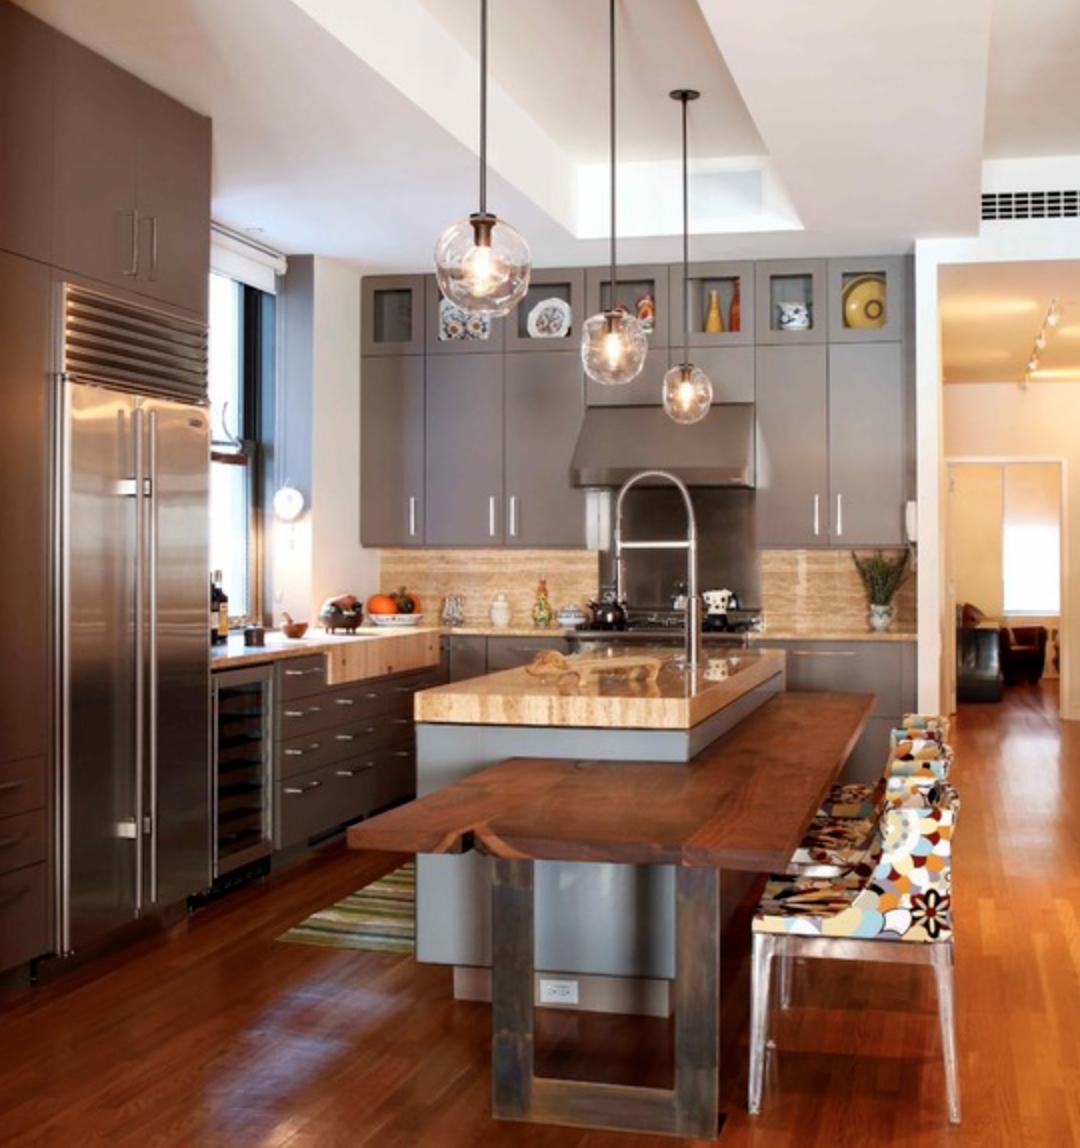 Que tal surprender no projeto de sua cozinha e sair do tradicional  #B0501B 1080 1148